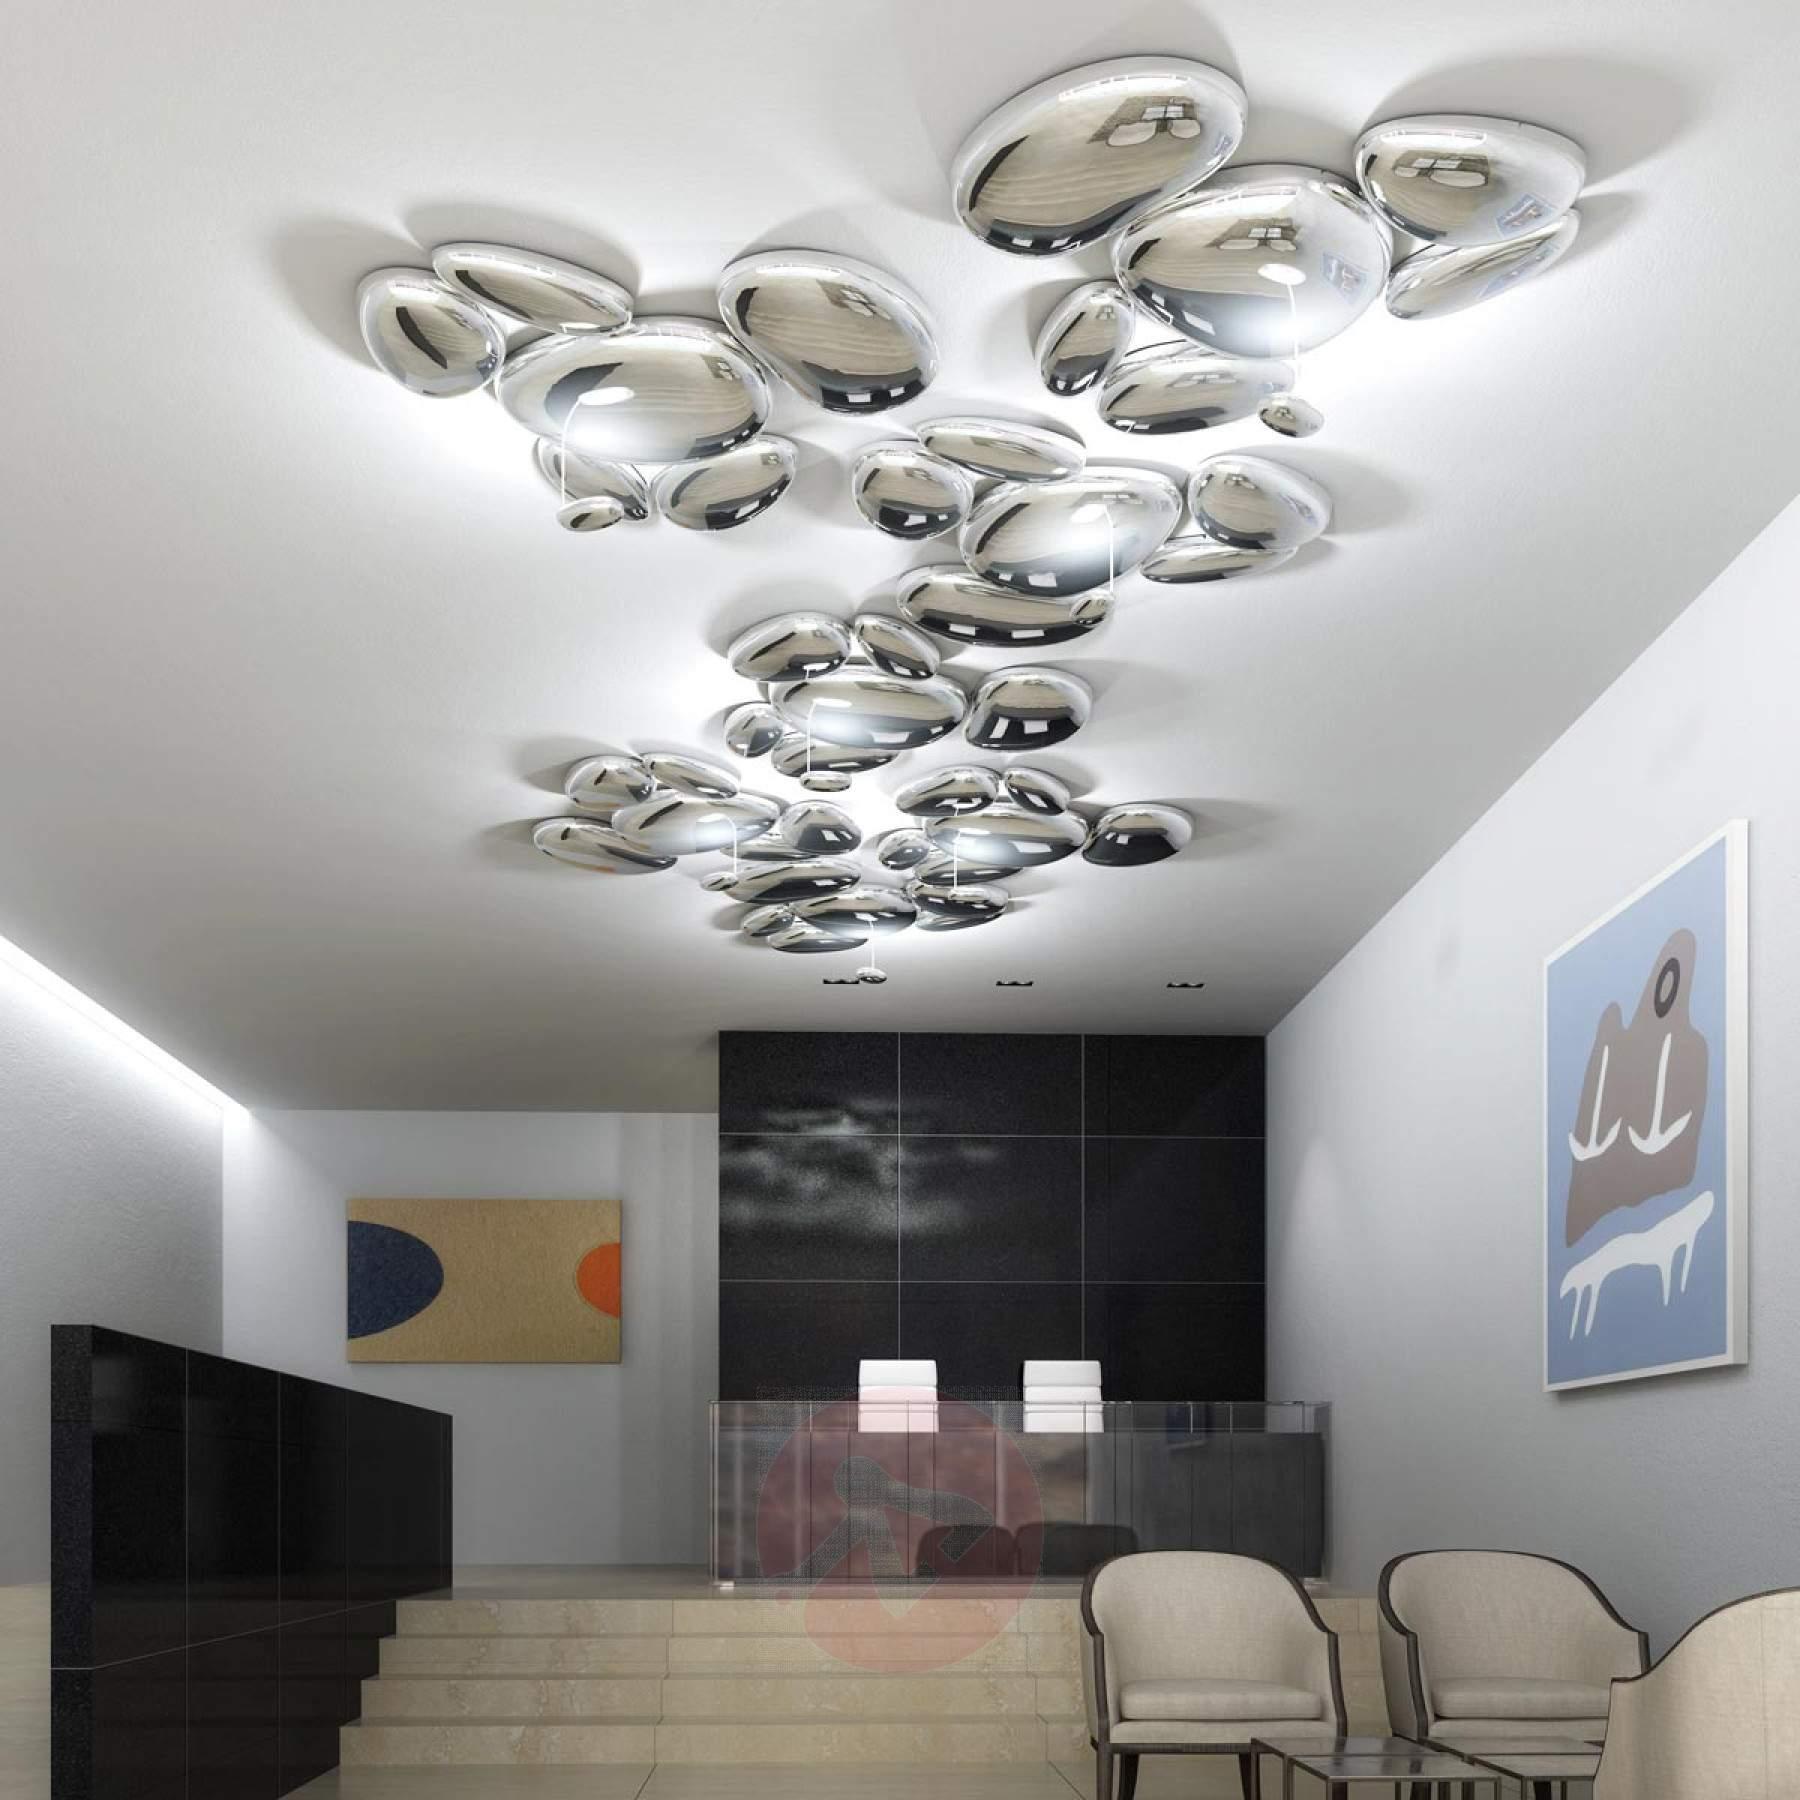 Full Size of Deckenleuchte Design Modern Led Designlive Deckenleuchten Wohnzimmer Stahl 110x25cm Schlafzimmer Live Deckenlampe 50x42cm Schiene Schwenkbar Designerleuchten Wohnzimmer Deckenleuchte Design